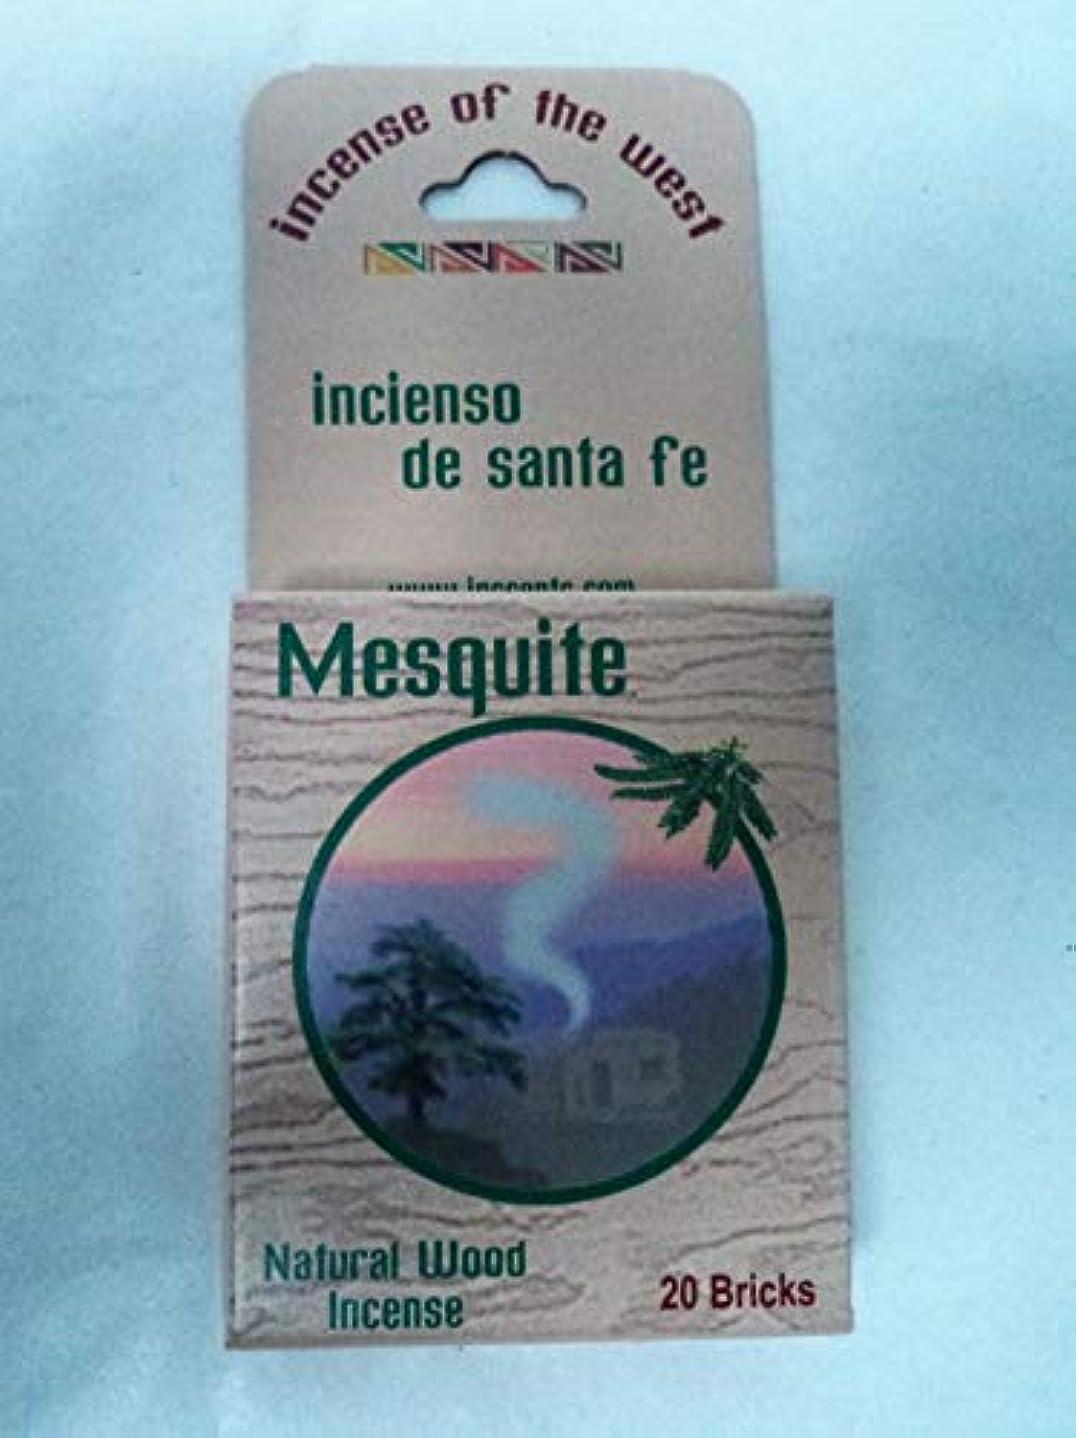 ホーム麦芽部分Inciensio Sante Fe:-メスキートインセンスブロック 20個